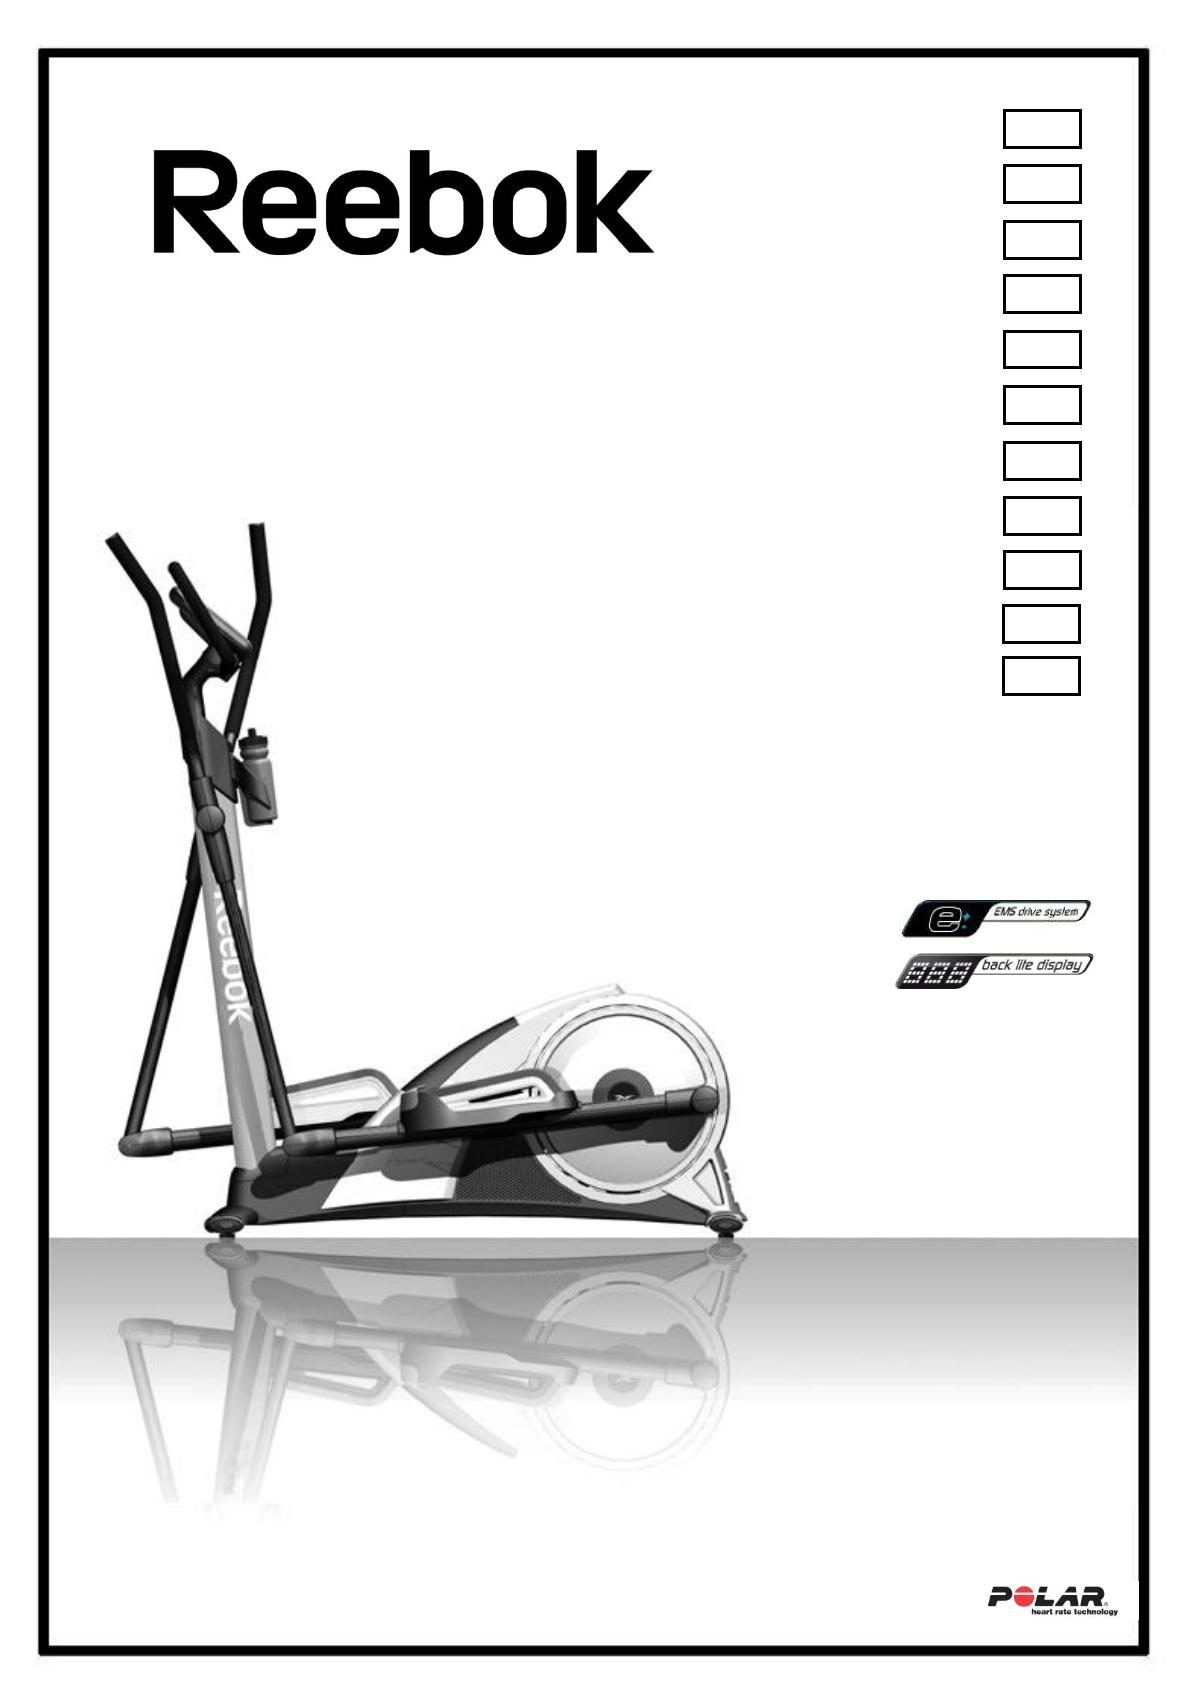 apaciguar Equipo estrés  reebok i trainer 1.1, OFF 79%,Buy!